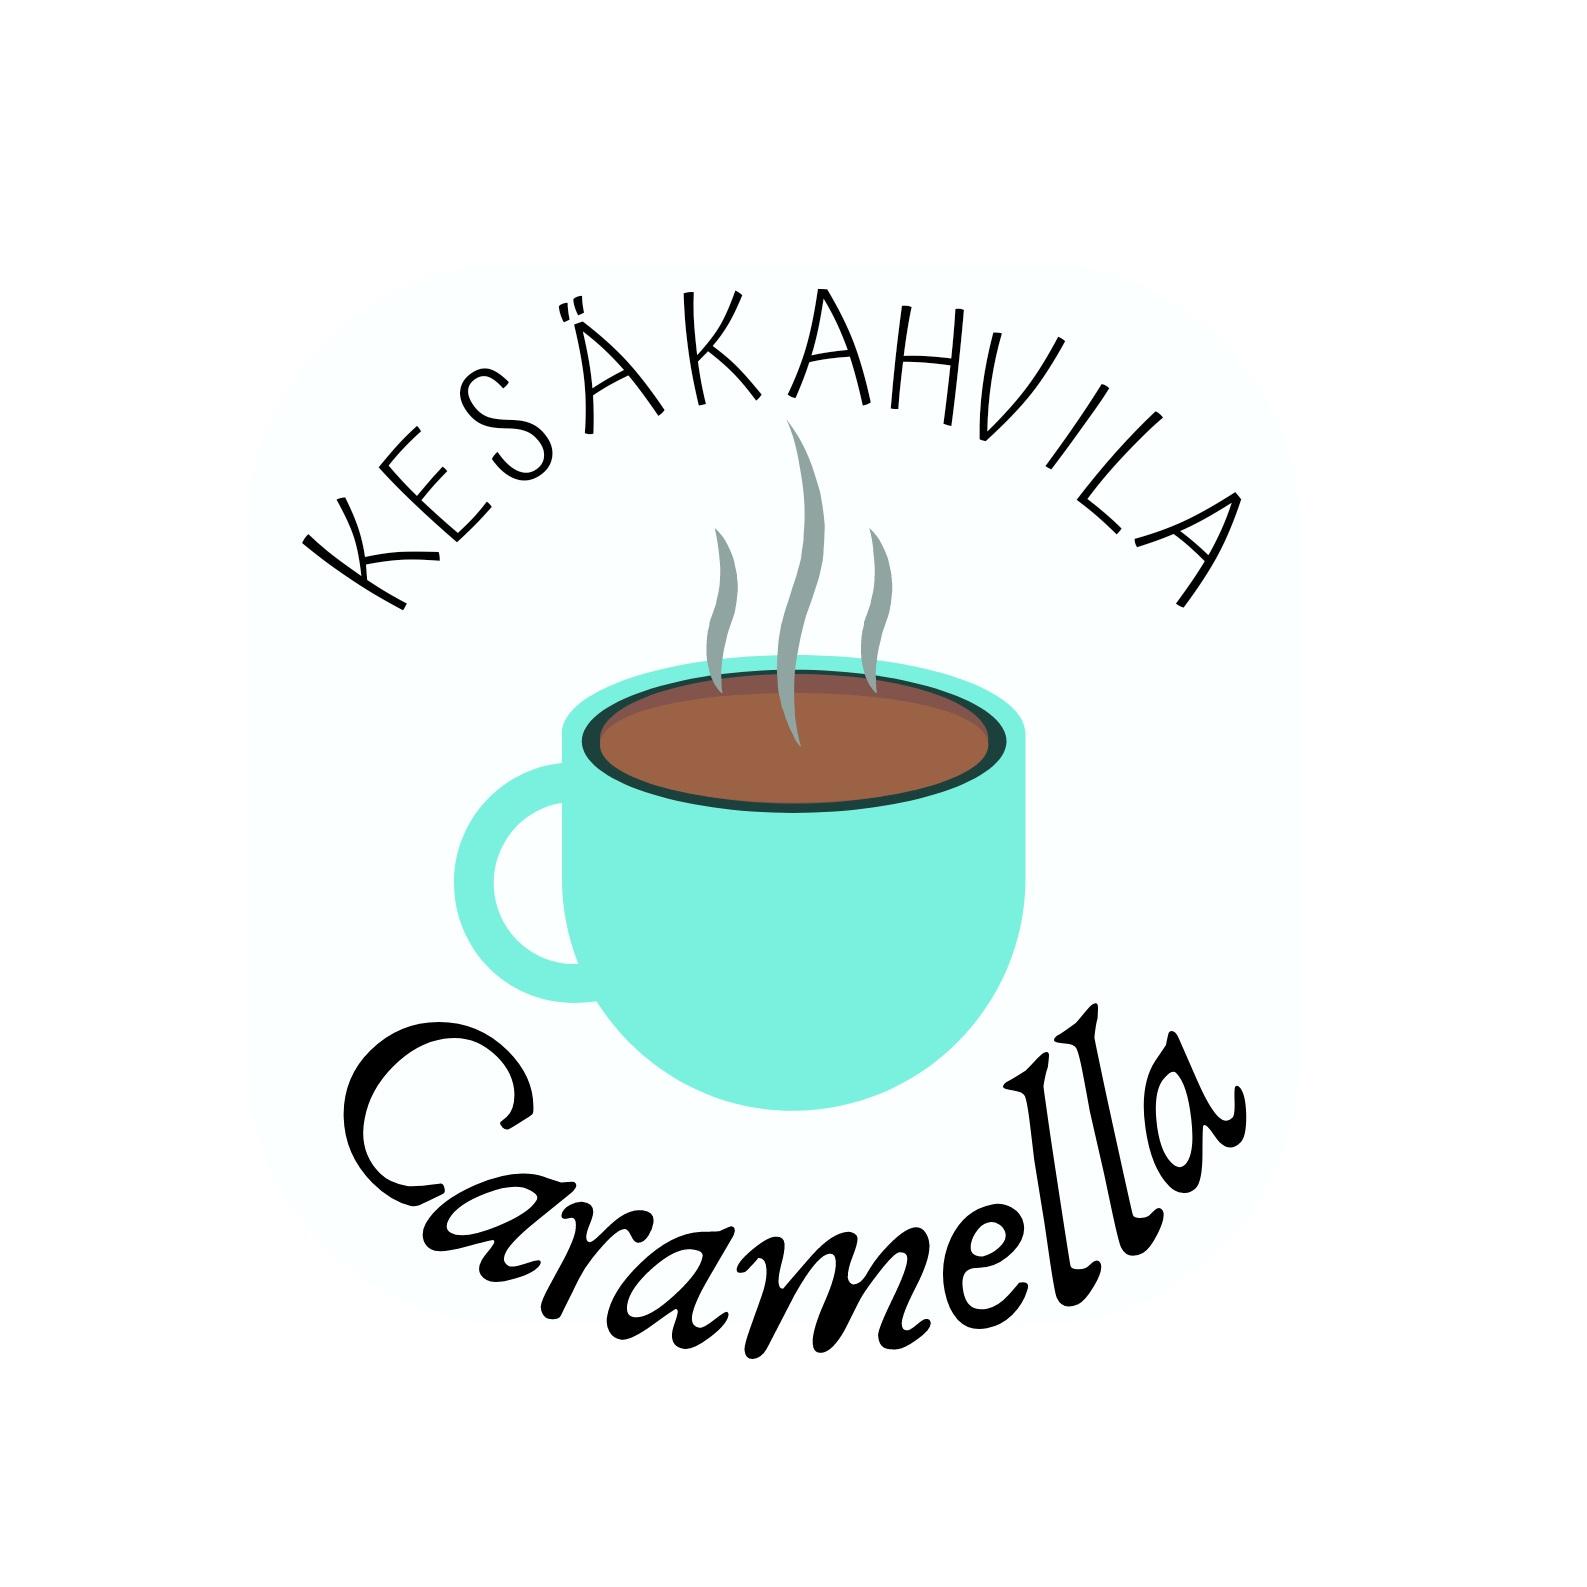 Kesäkahvila Caramella - Kesäkahvila Caramella on kahden nuoren perustama 4H-yritys, joka toimii Tupoksessa. Kahvilassa lähes kaikki tuotteet ovat nuorten itsensä valmistamia. Kahvilaamme voit seurata Instagramissa nimellä @kahvilacaramella. Tervetuloa kahville osoitteeseen Rytiniementie 2 91910 Tupos!